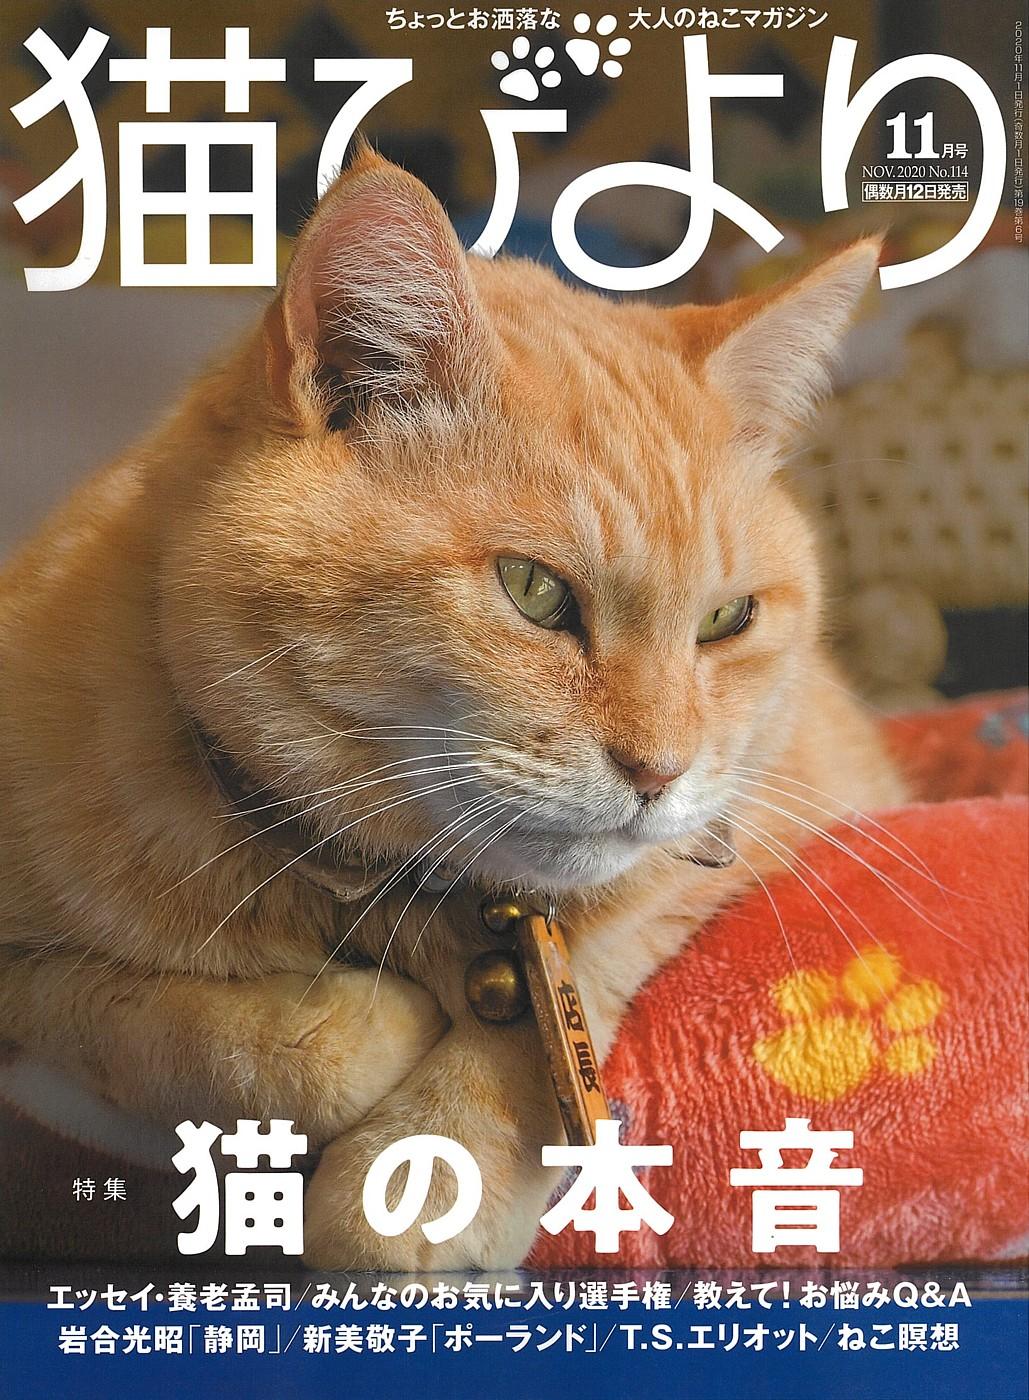 メディア情報 『猫びより』 2020年11月号No.114に掲載